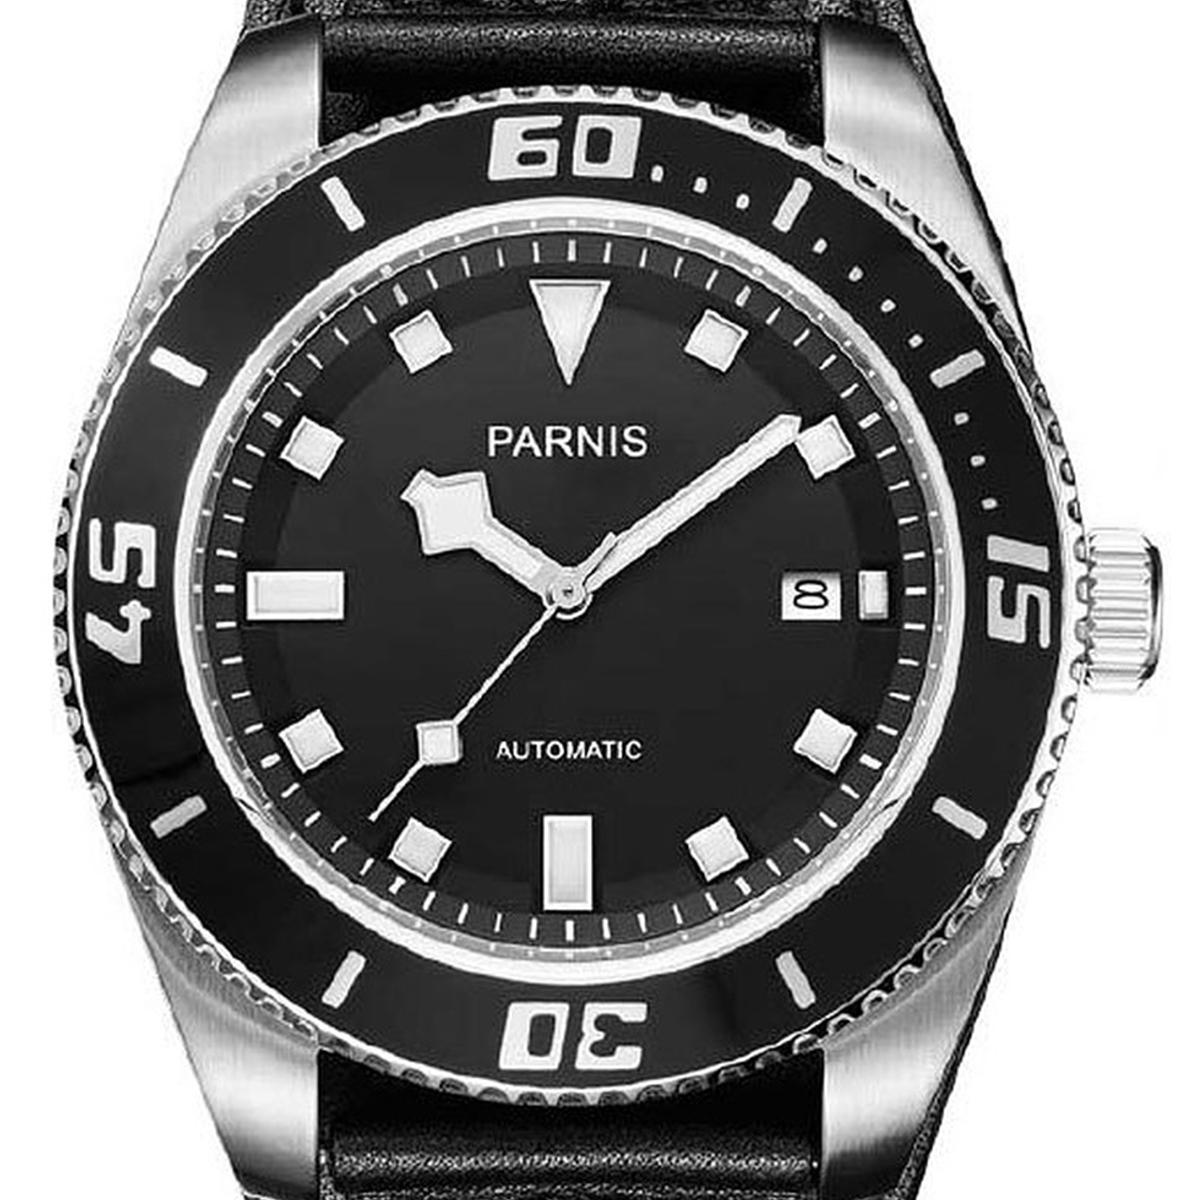 【残り1点】【NEW】PARNIS パーニス 自動巻き 腕時計 [PA6033-S3AL-BKBK] 並行輸入品 純正ケース メーカー保証12ヶ月